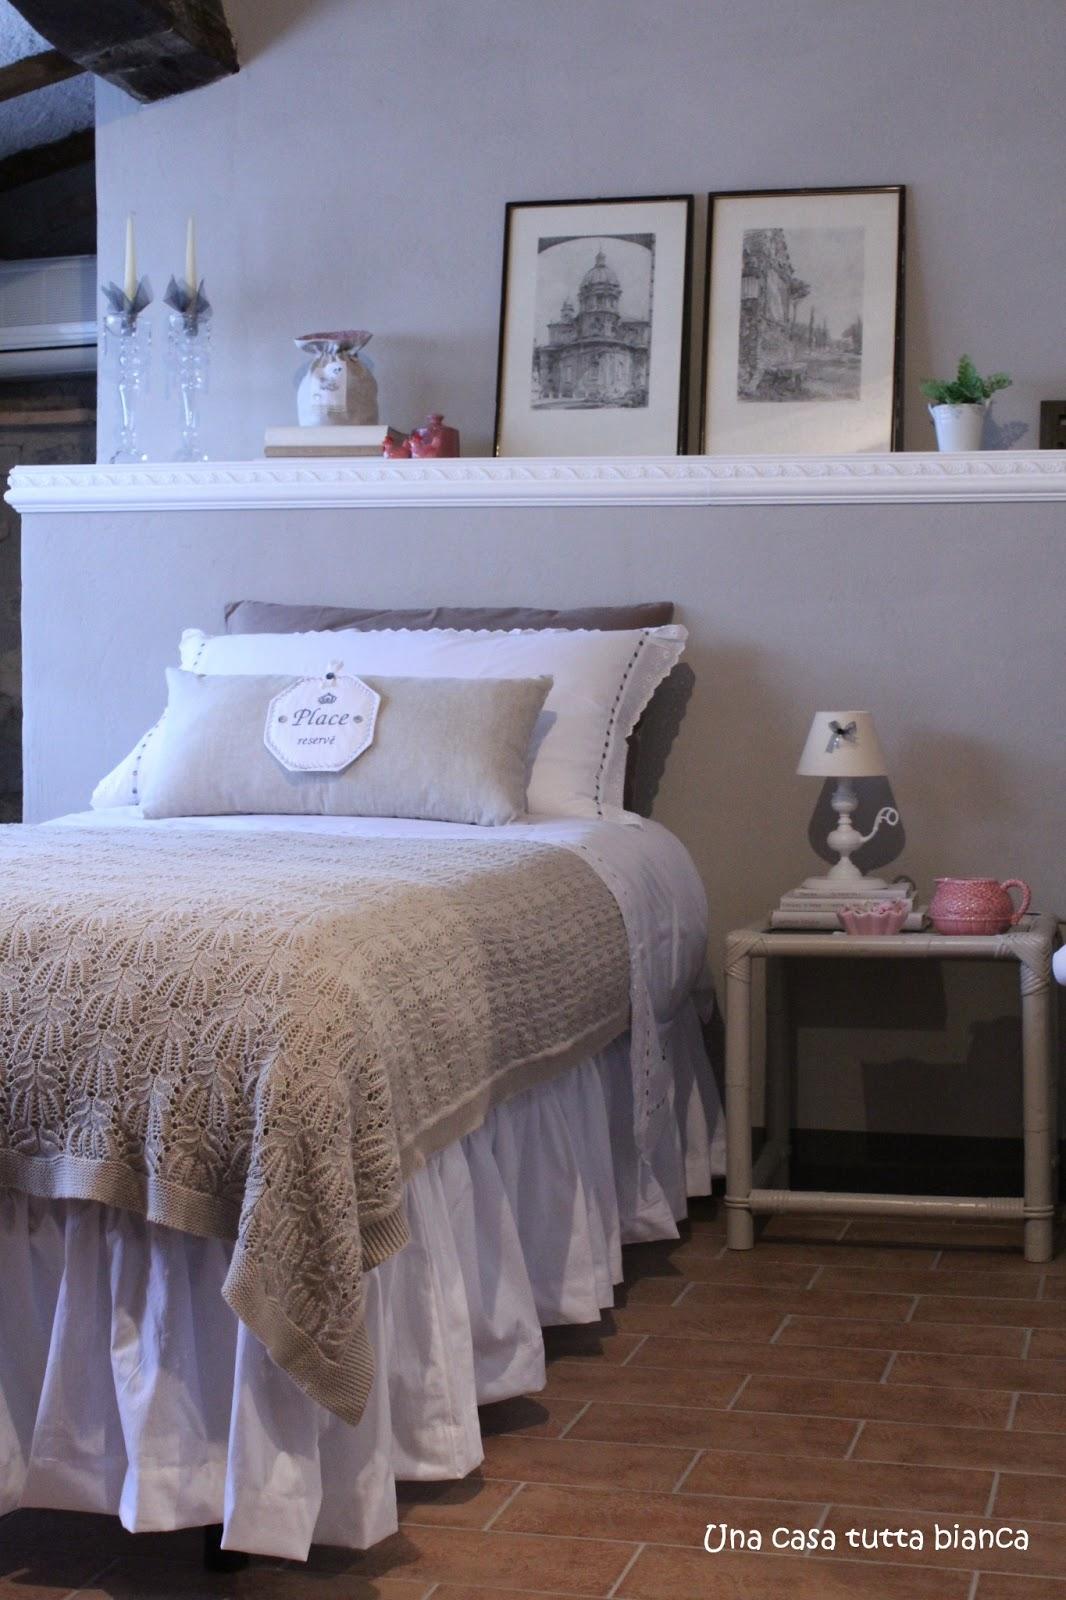 Una casa tutta bianca il letto vestito di nuovo - Coprirete letto ...